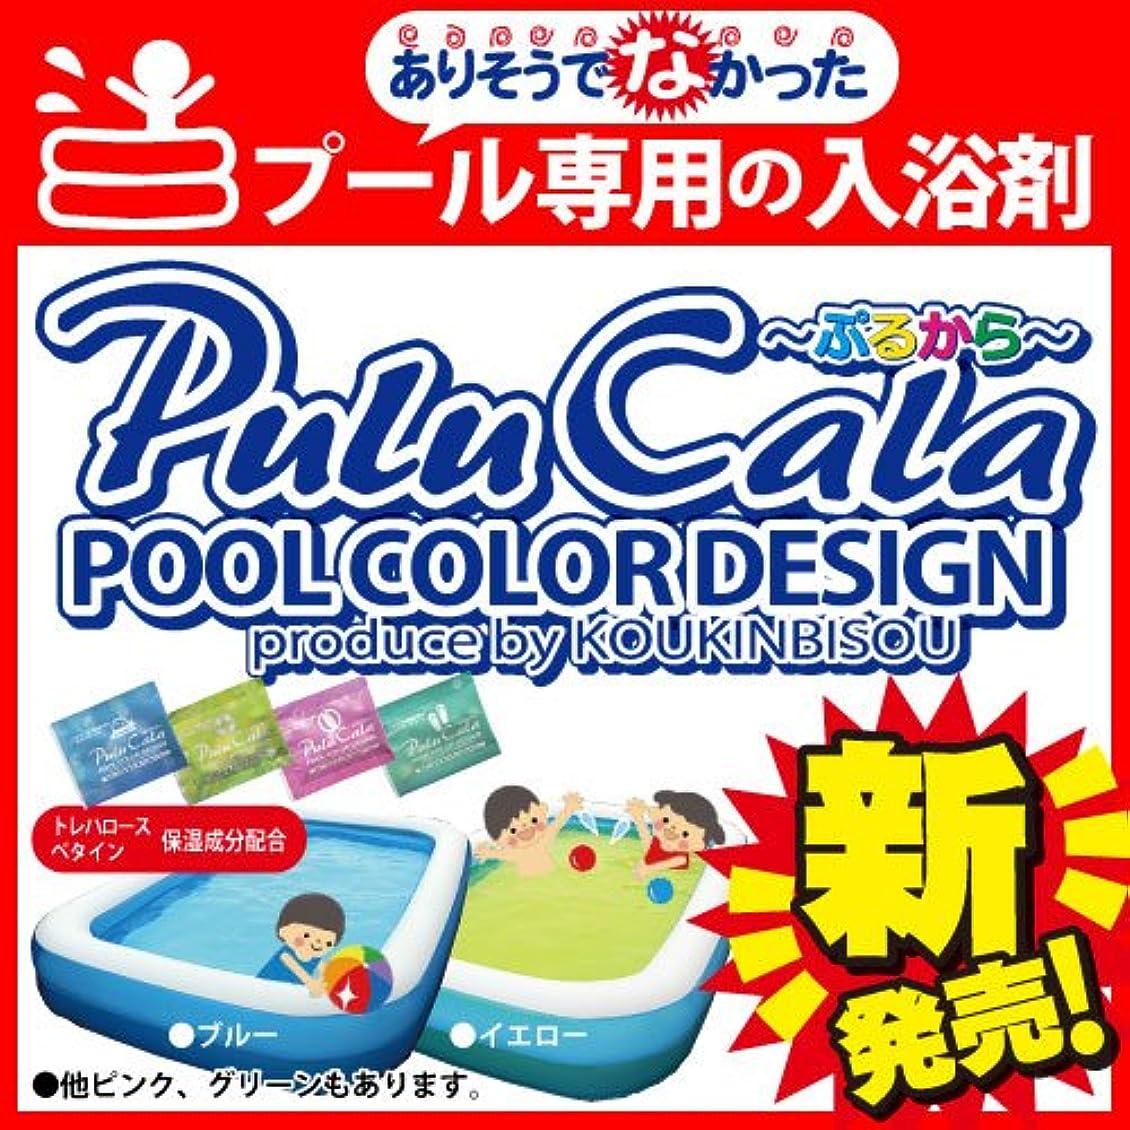 シャンプーどこでも第五【プール専用入浴剤】ぷるから ピンク10回分セット(25g×10) 目や口に入っても大丈夫!